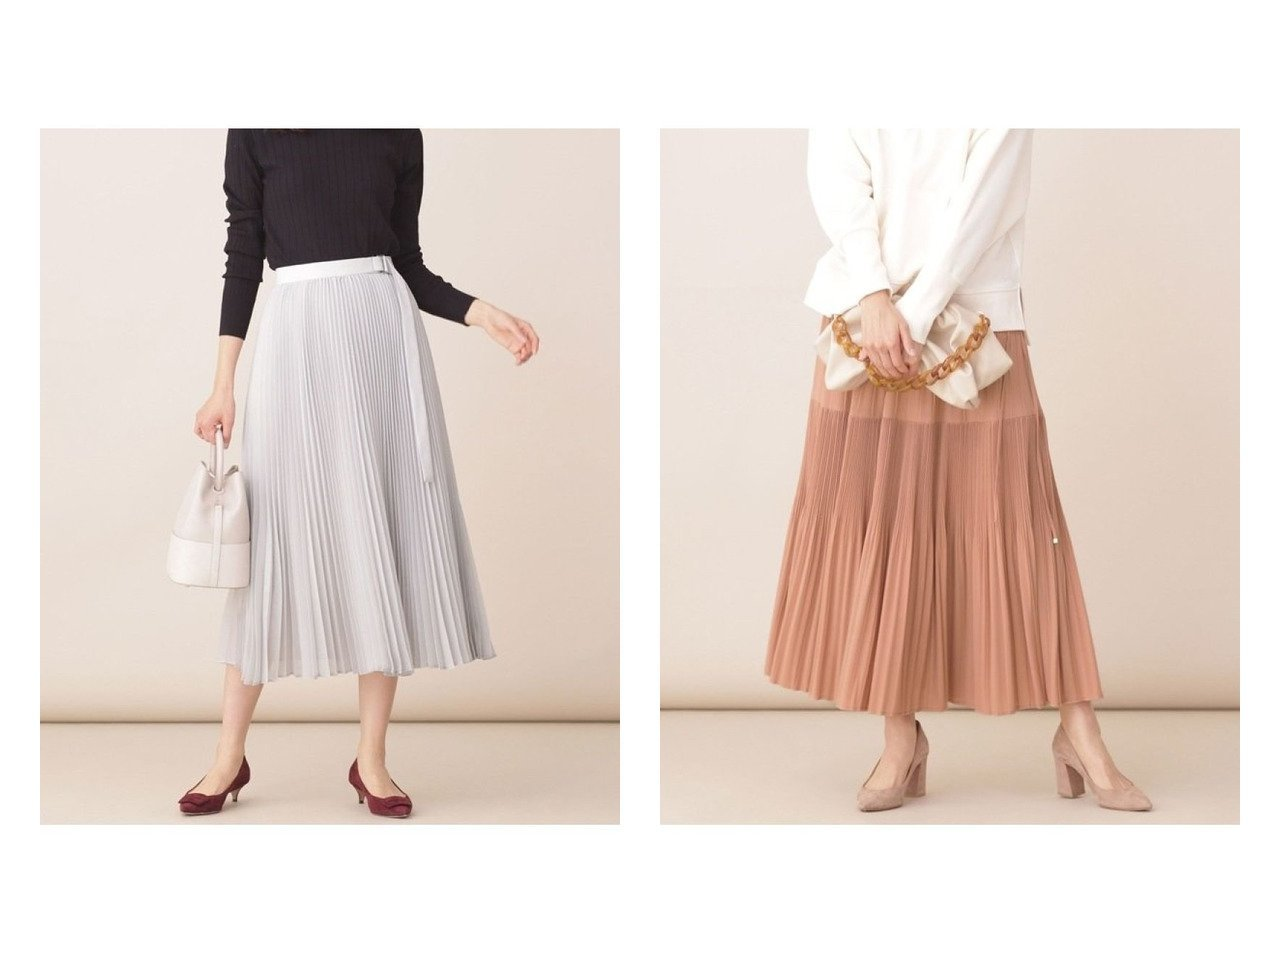 【nano universe/ナノ ユニバース】のパーツ付きシアープリーツスカート&ティアードプリーツスカート スカートのおすすめ!人気、トレンド・レディースファッションの通販  おすすめで人気の流行・トレンド、ファッションの通販商品 メンズファッション・キッズファッション・インテリア・家具・レディースファッション・服の通販 founy(ファニー) https://founy.com/ ファッション Fashion レディースファッション WOMEN スカート Skirt プリーツスカート Pleated Skirts NEW・新作・新着・新入荷 New Arrivals シアー トレンド プリーツ ミモレ メタル 再入荷 Restock/Back in Stock/Re Arrival 春 Spring ジョーゼット ティアードスカート フェミニン リボン ロング  ID:crp329100000010781